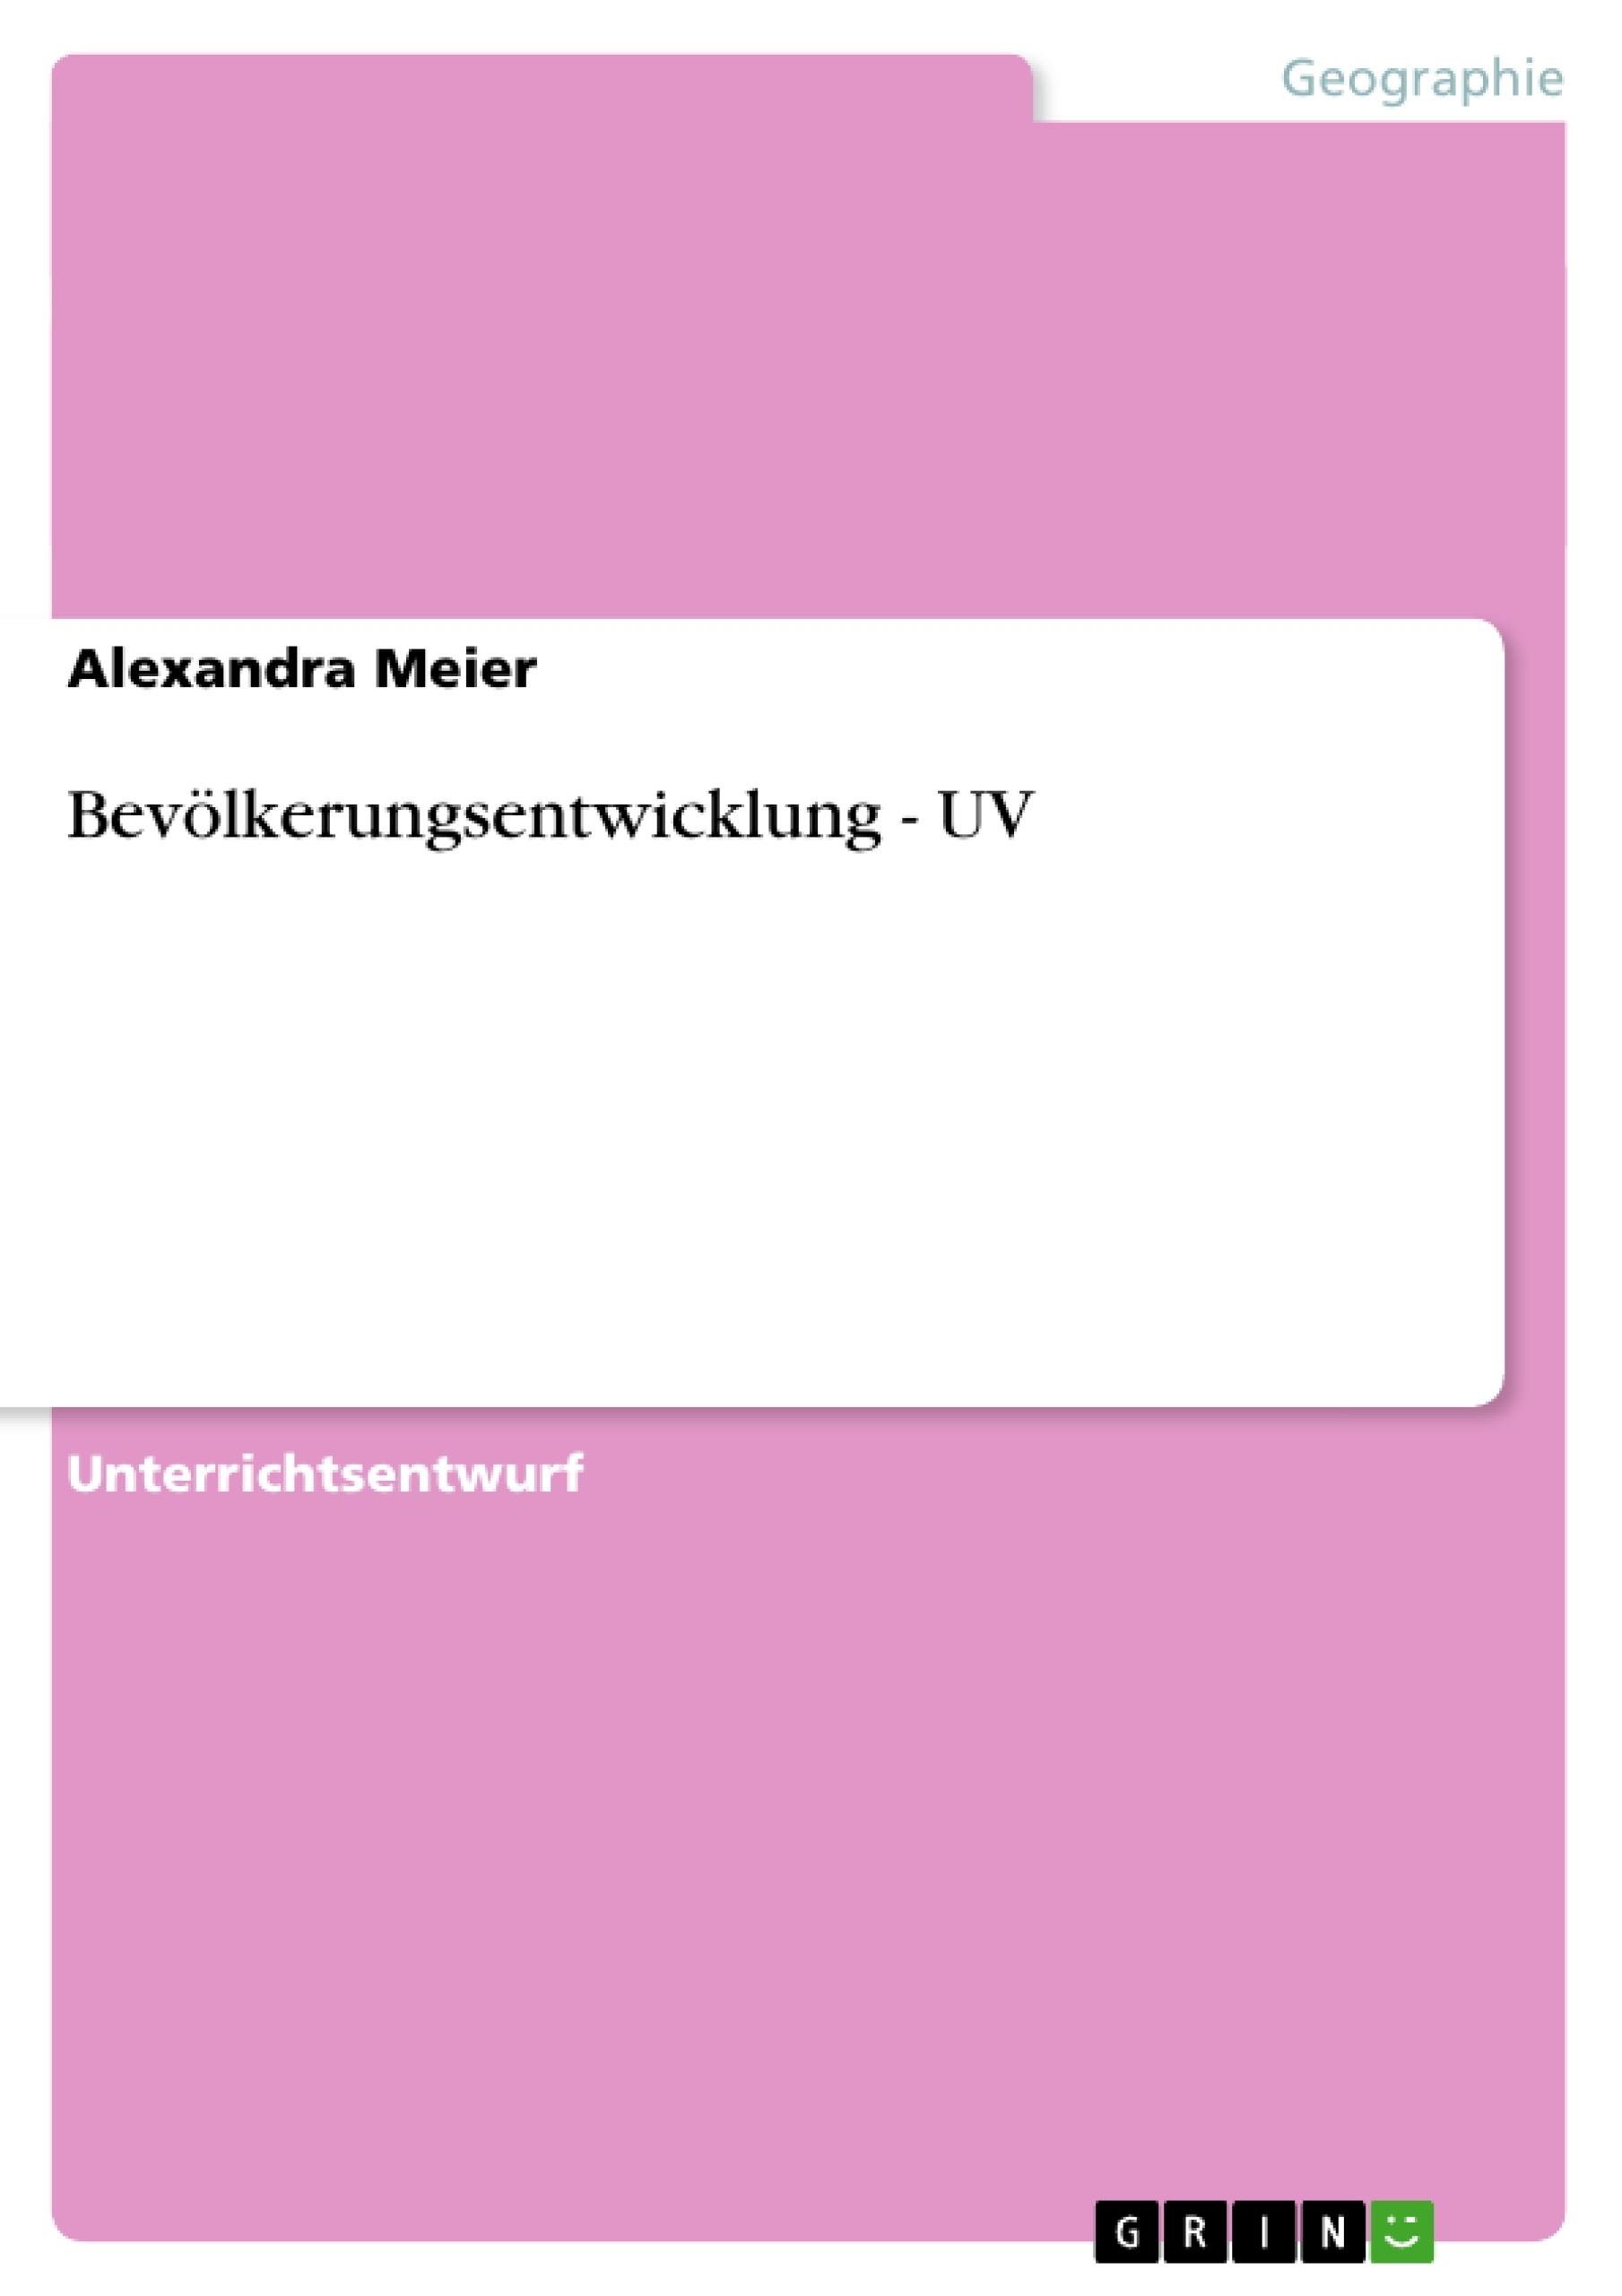 Titel: Bevölkerungsentwicklung - UV